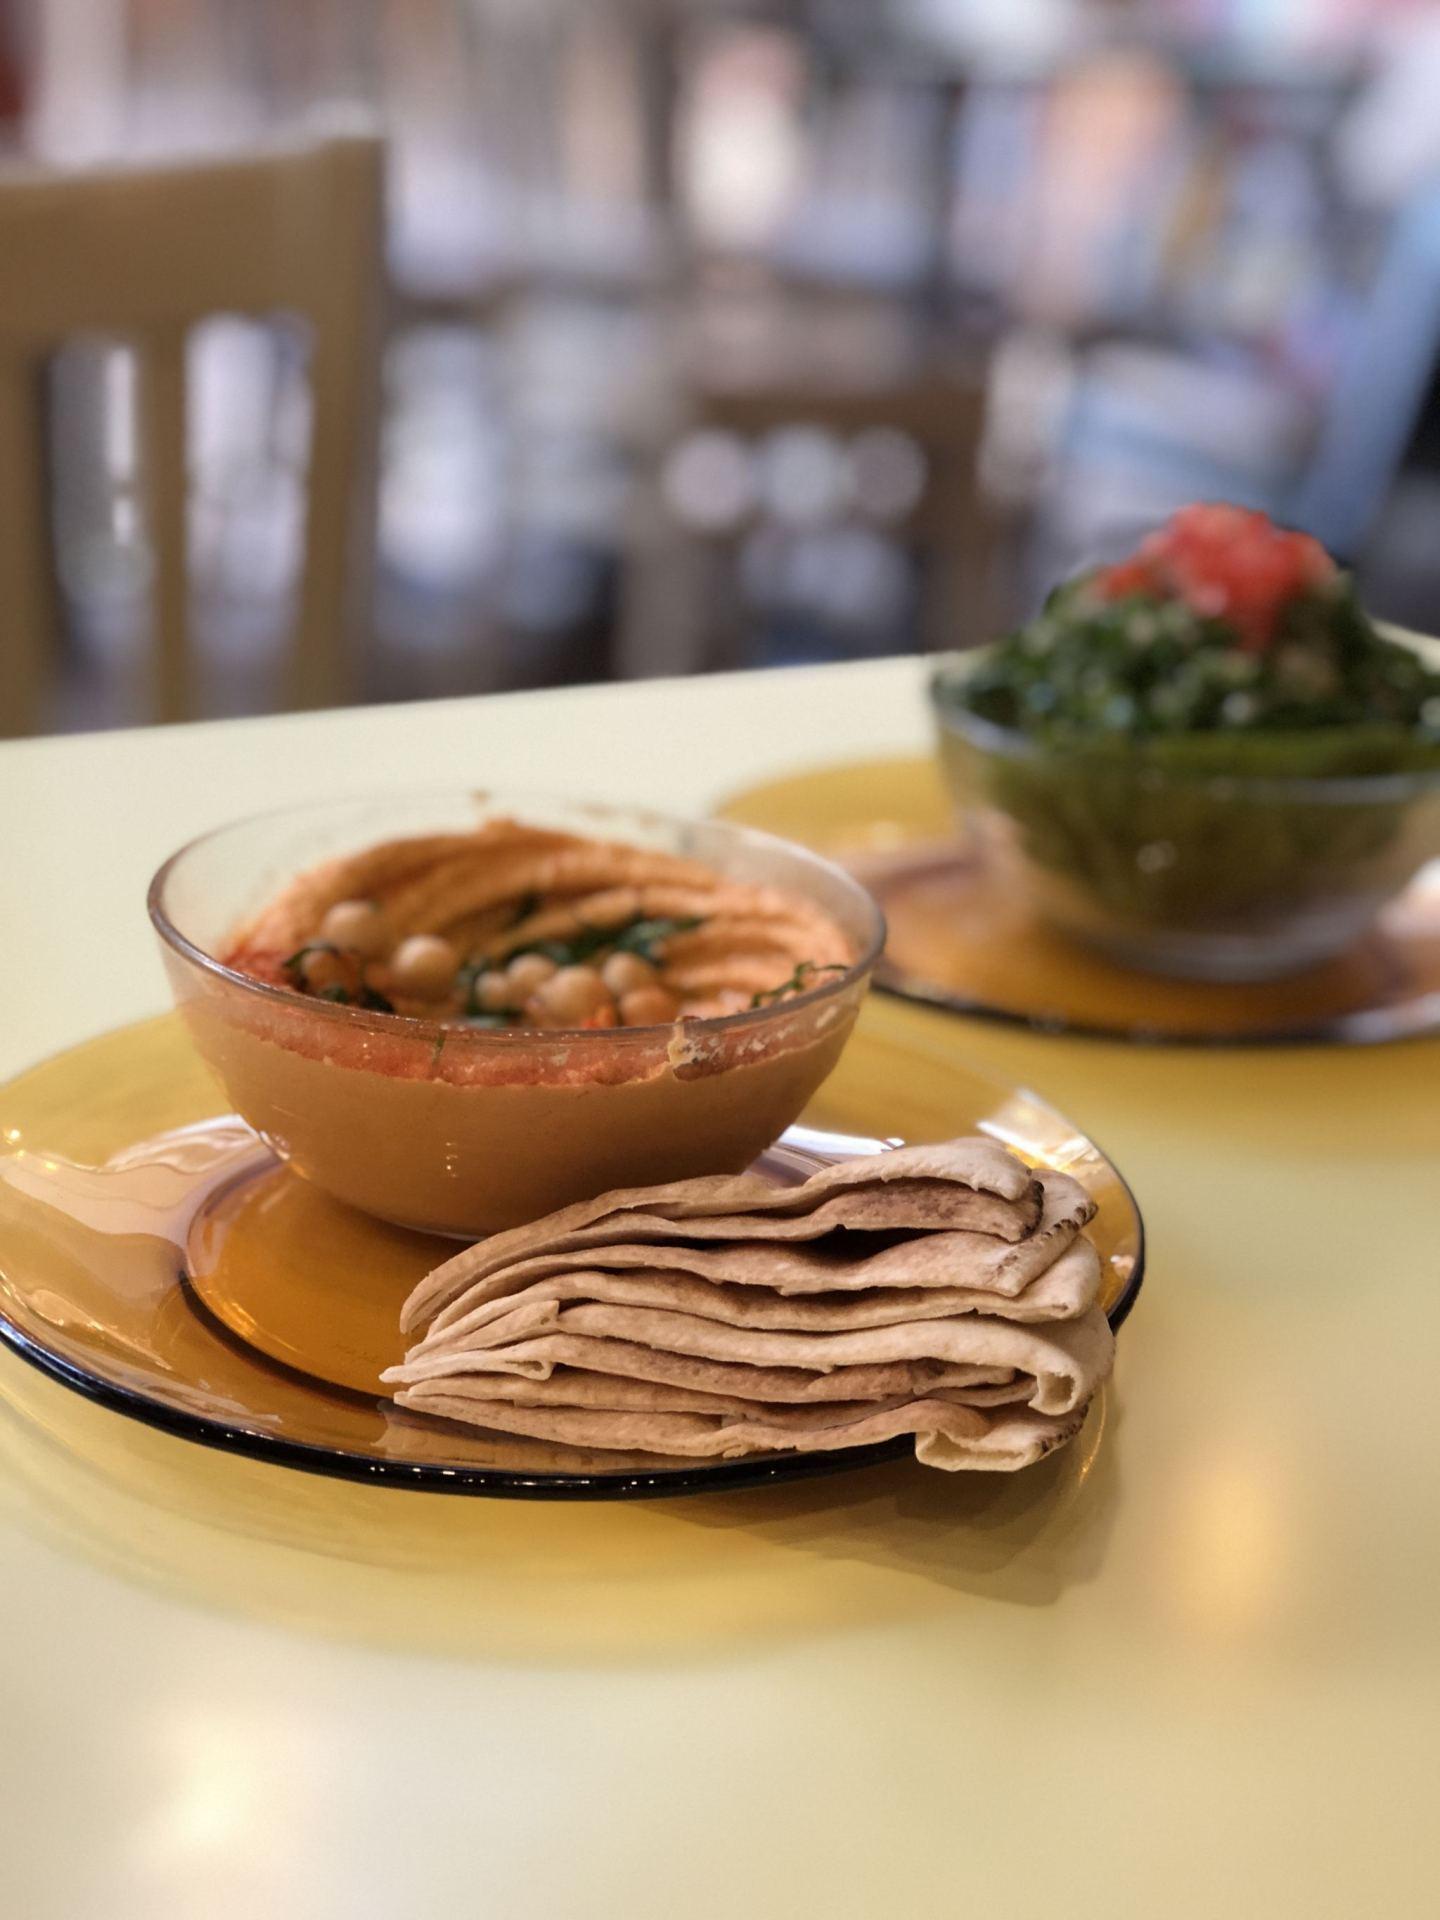 Vegan Menu at Comptoir Libanaise launches